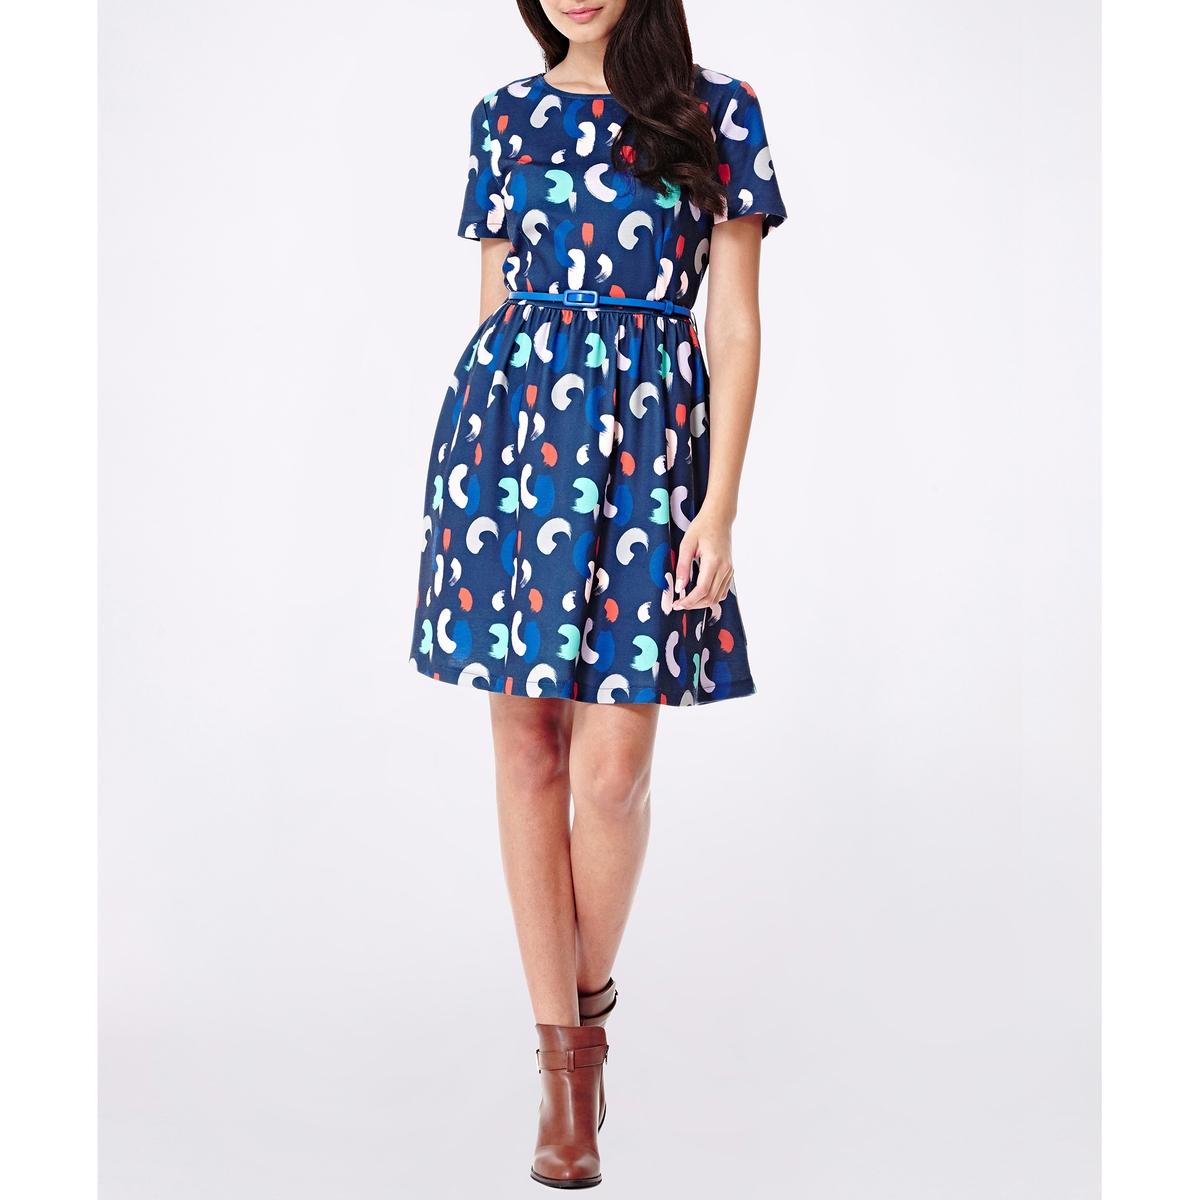 Платье расклешенное с рисунком и короткими рукавами платье yumi yumi платье